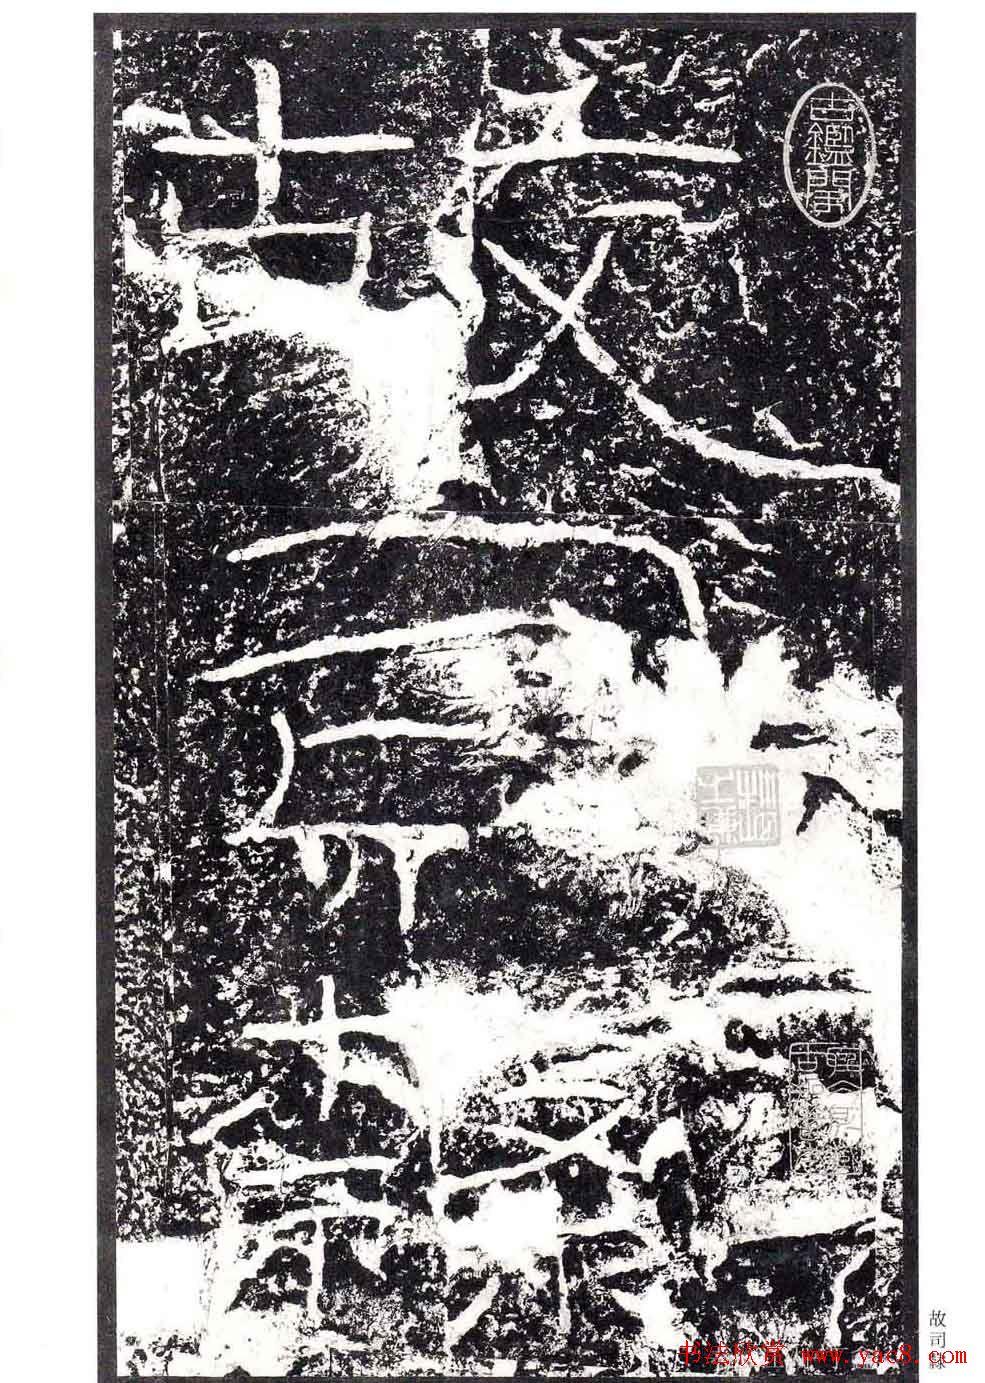 汉隶书欣赏《石门颂》日本二玄社清晰版